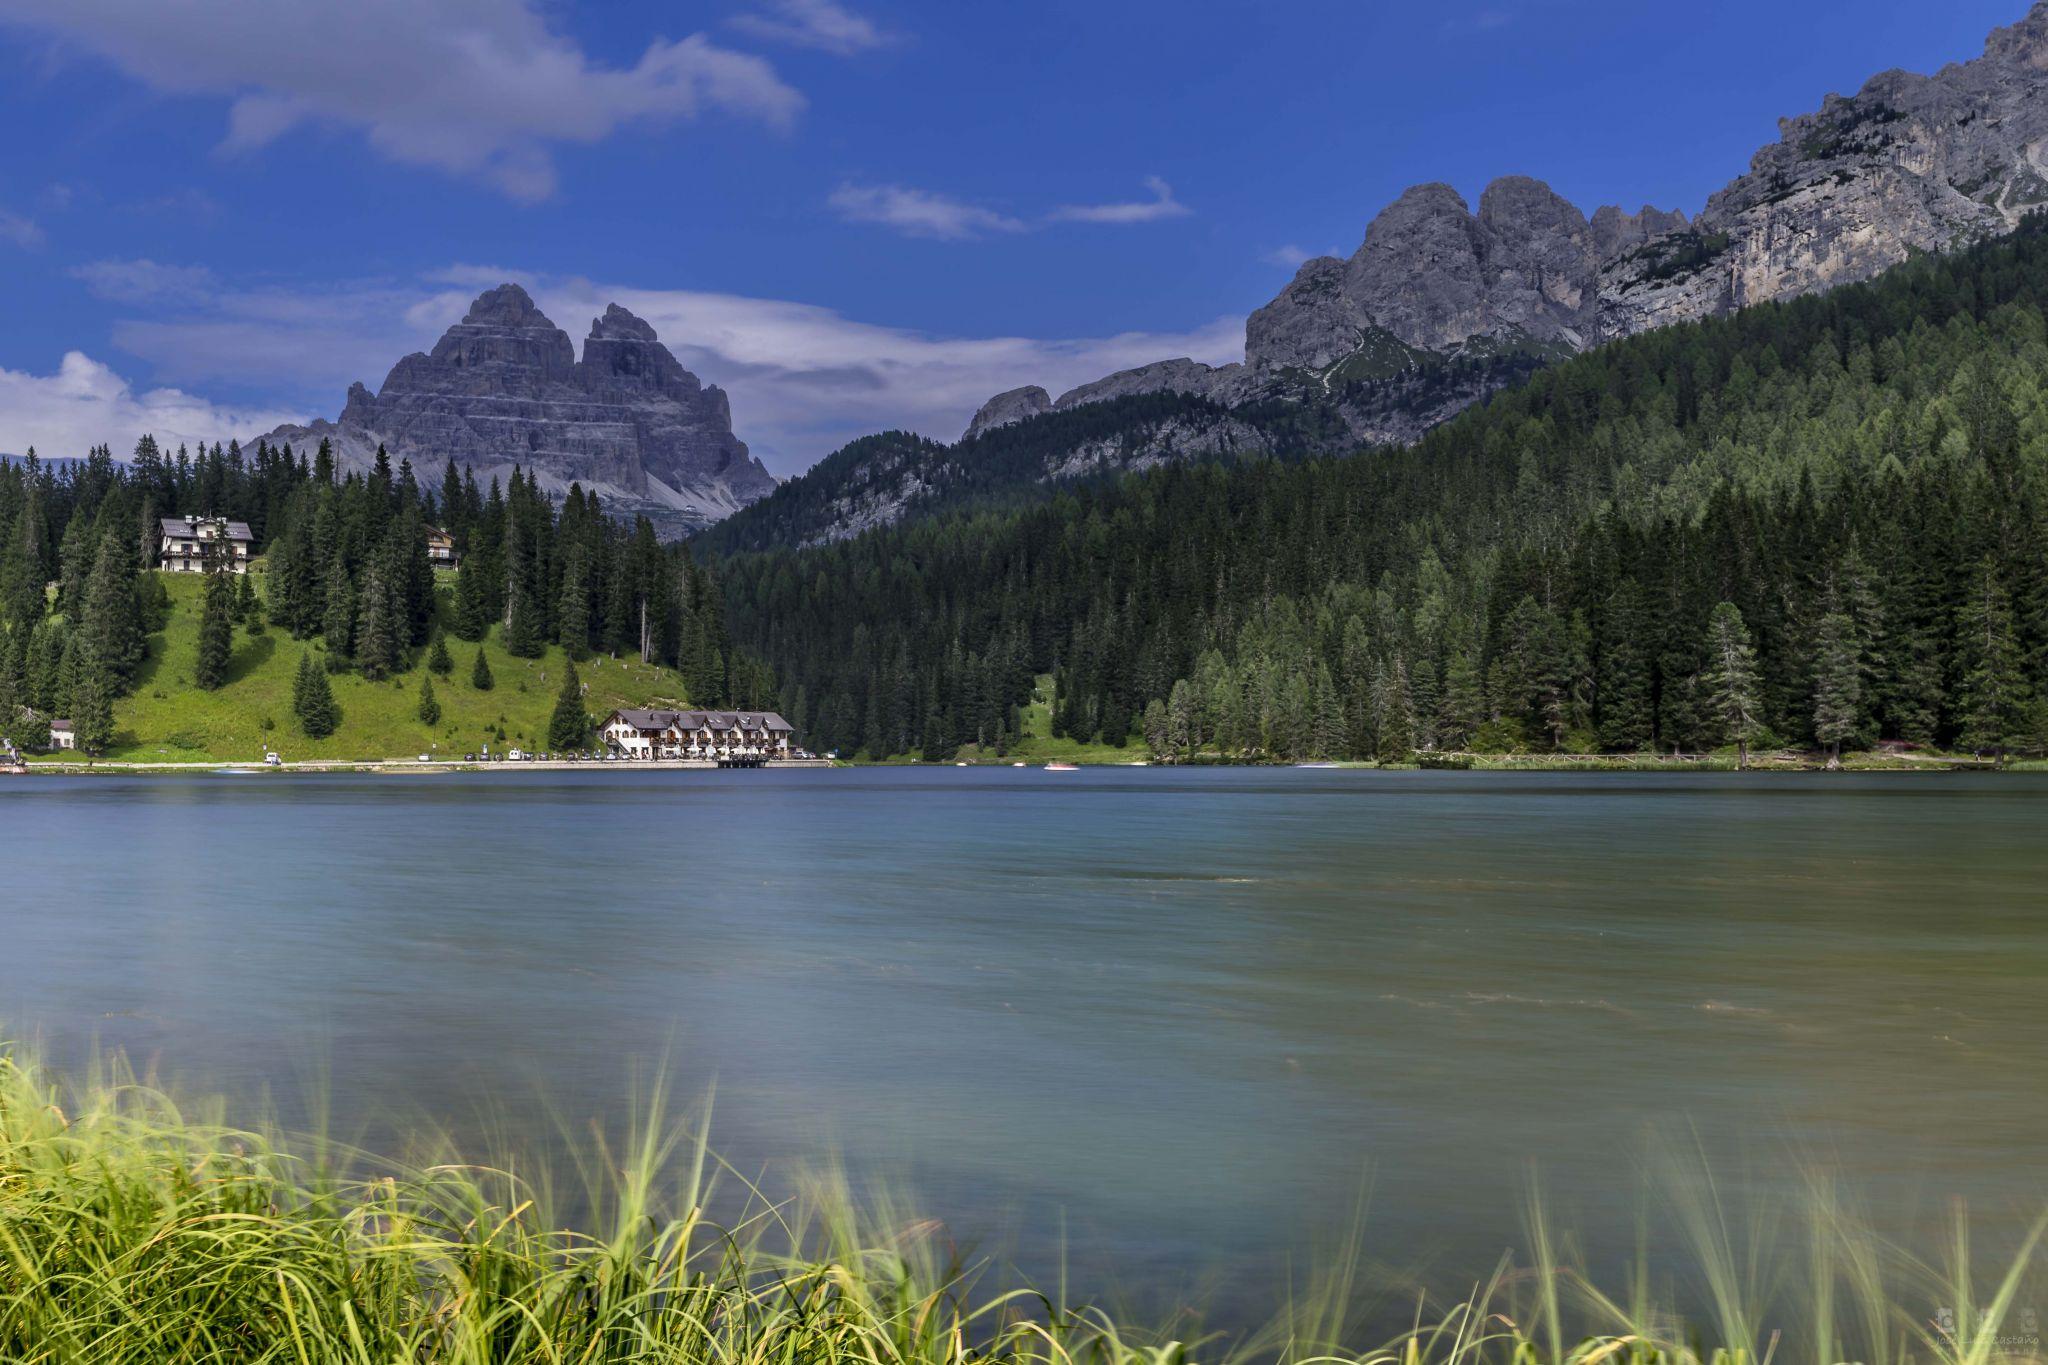 Lago di Misurina, Italy